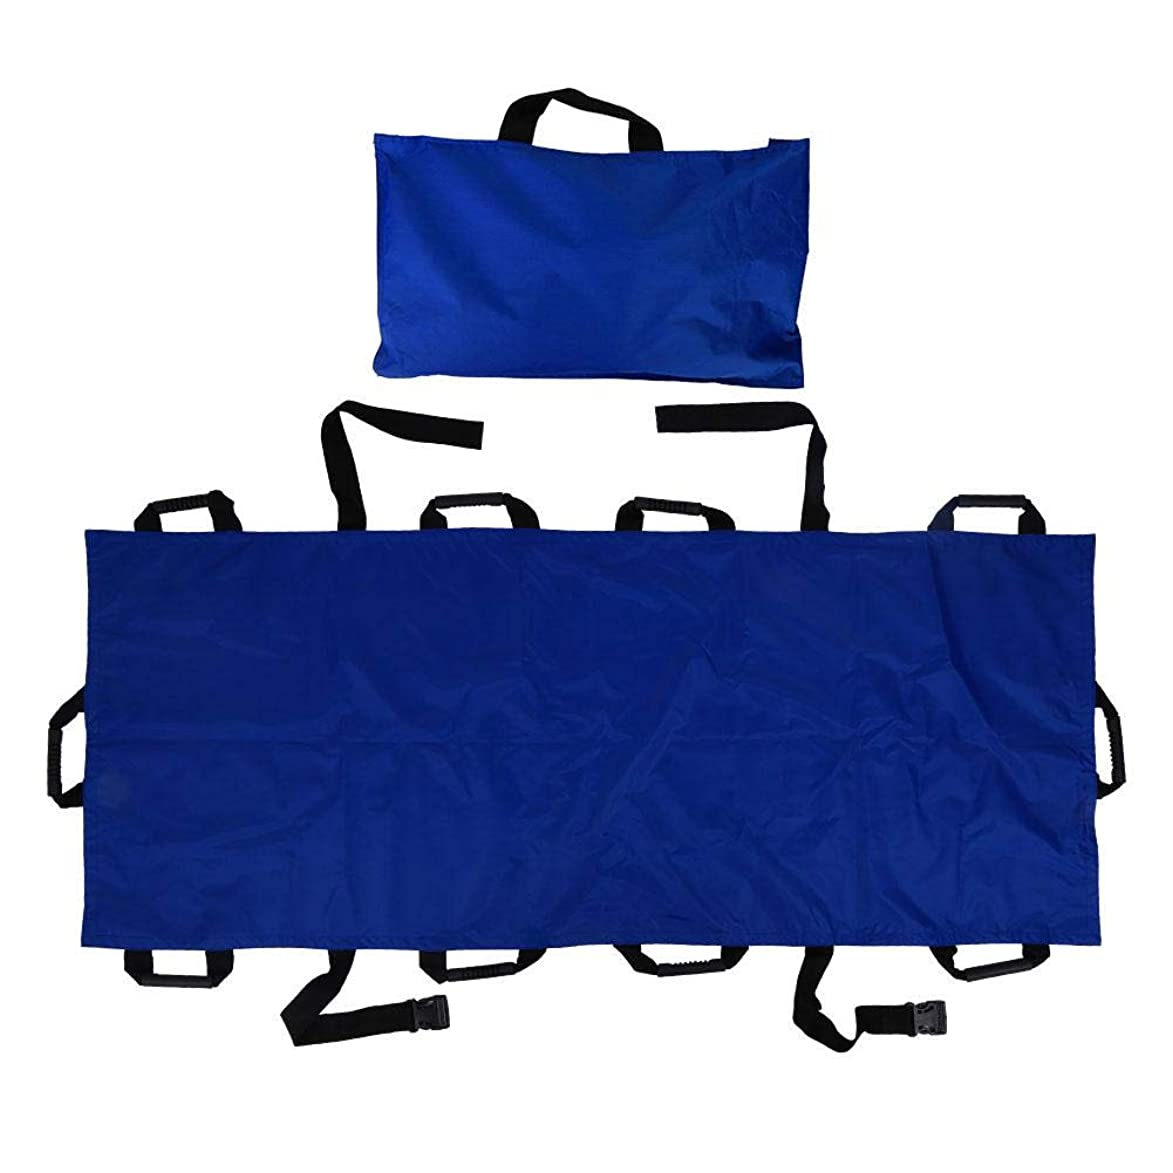 ミケランジェロフィット復活させる家庭用ストレッチャー、ポータブル10ハンドルオックスフォード布折りたたみ式患者輸送ソフトストレッチャー